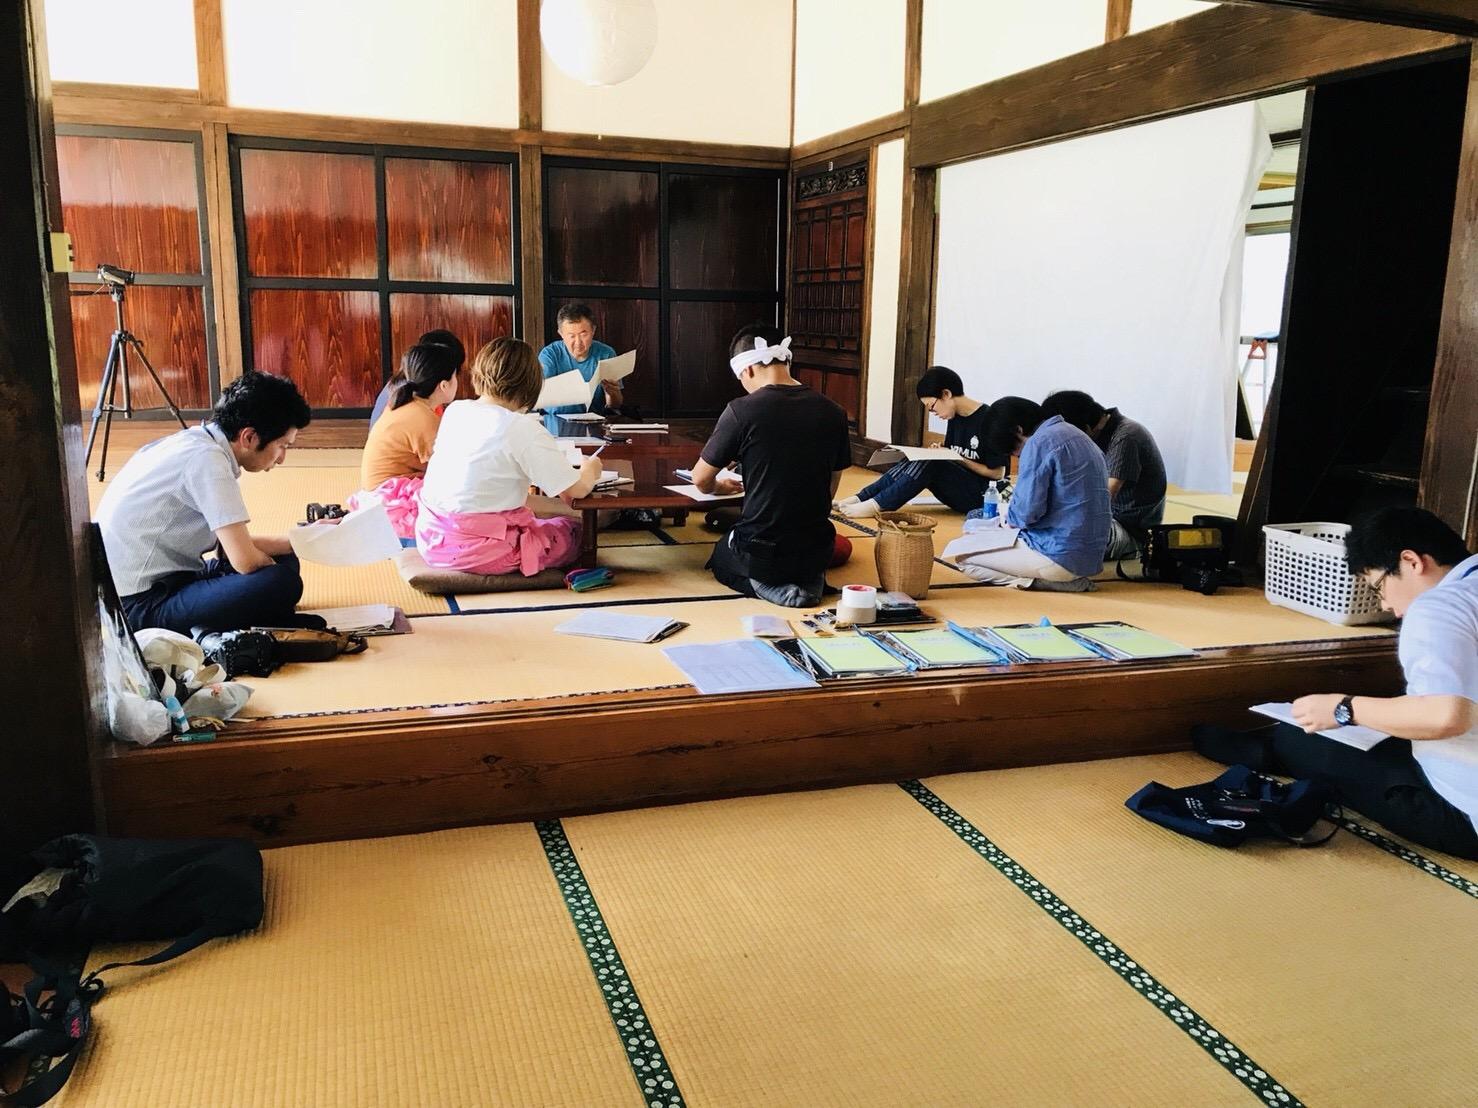 菅家博昭さんによるSHARE BASE 昭和村でのミニ講座